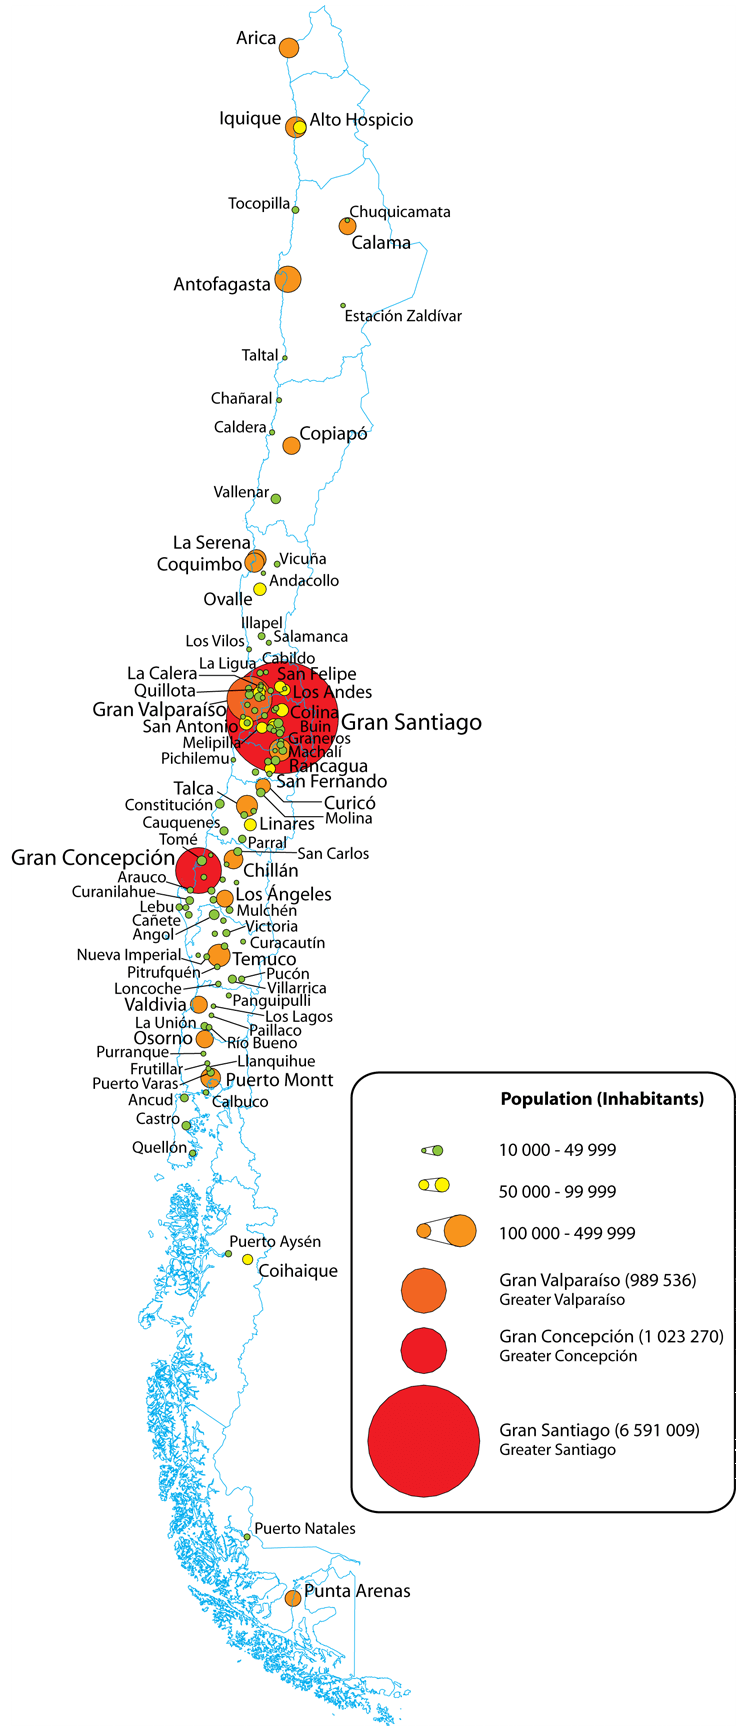 la densidad de la población de Chile por ciudad